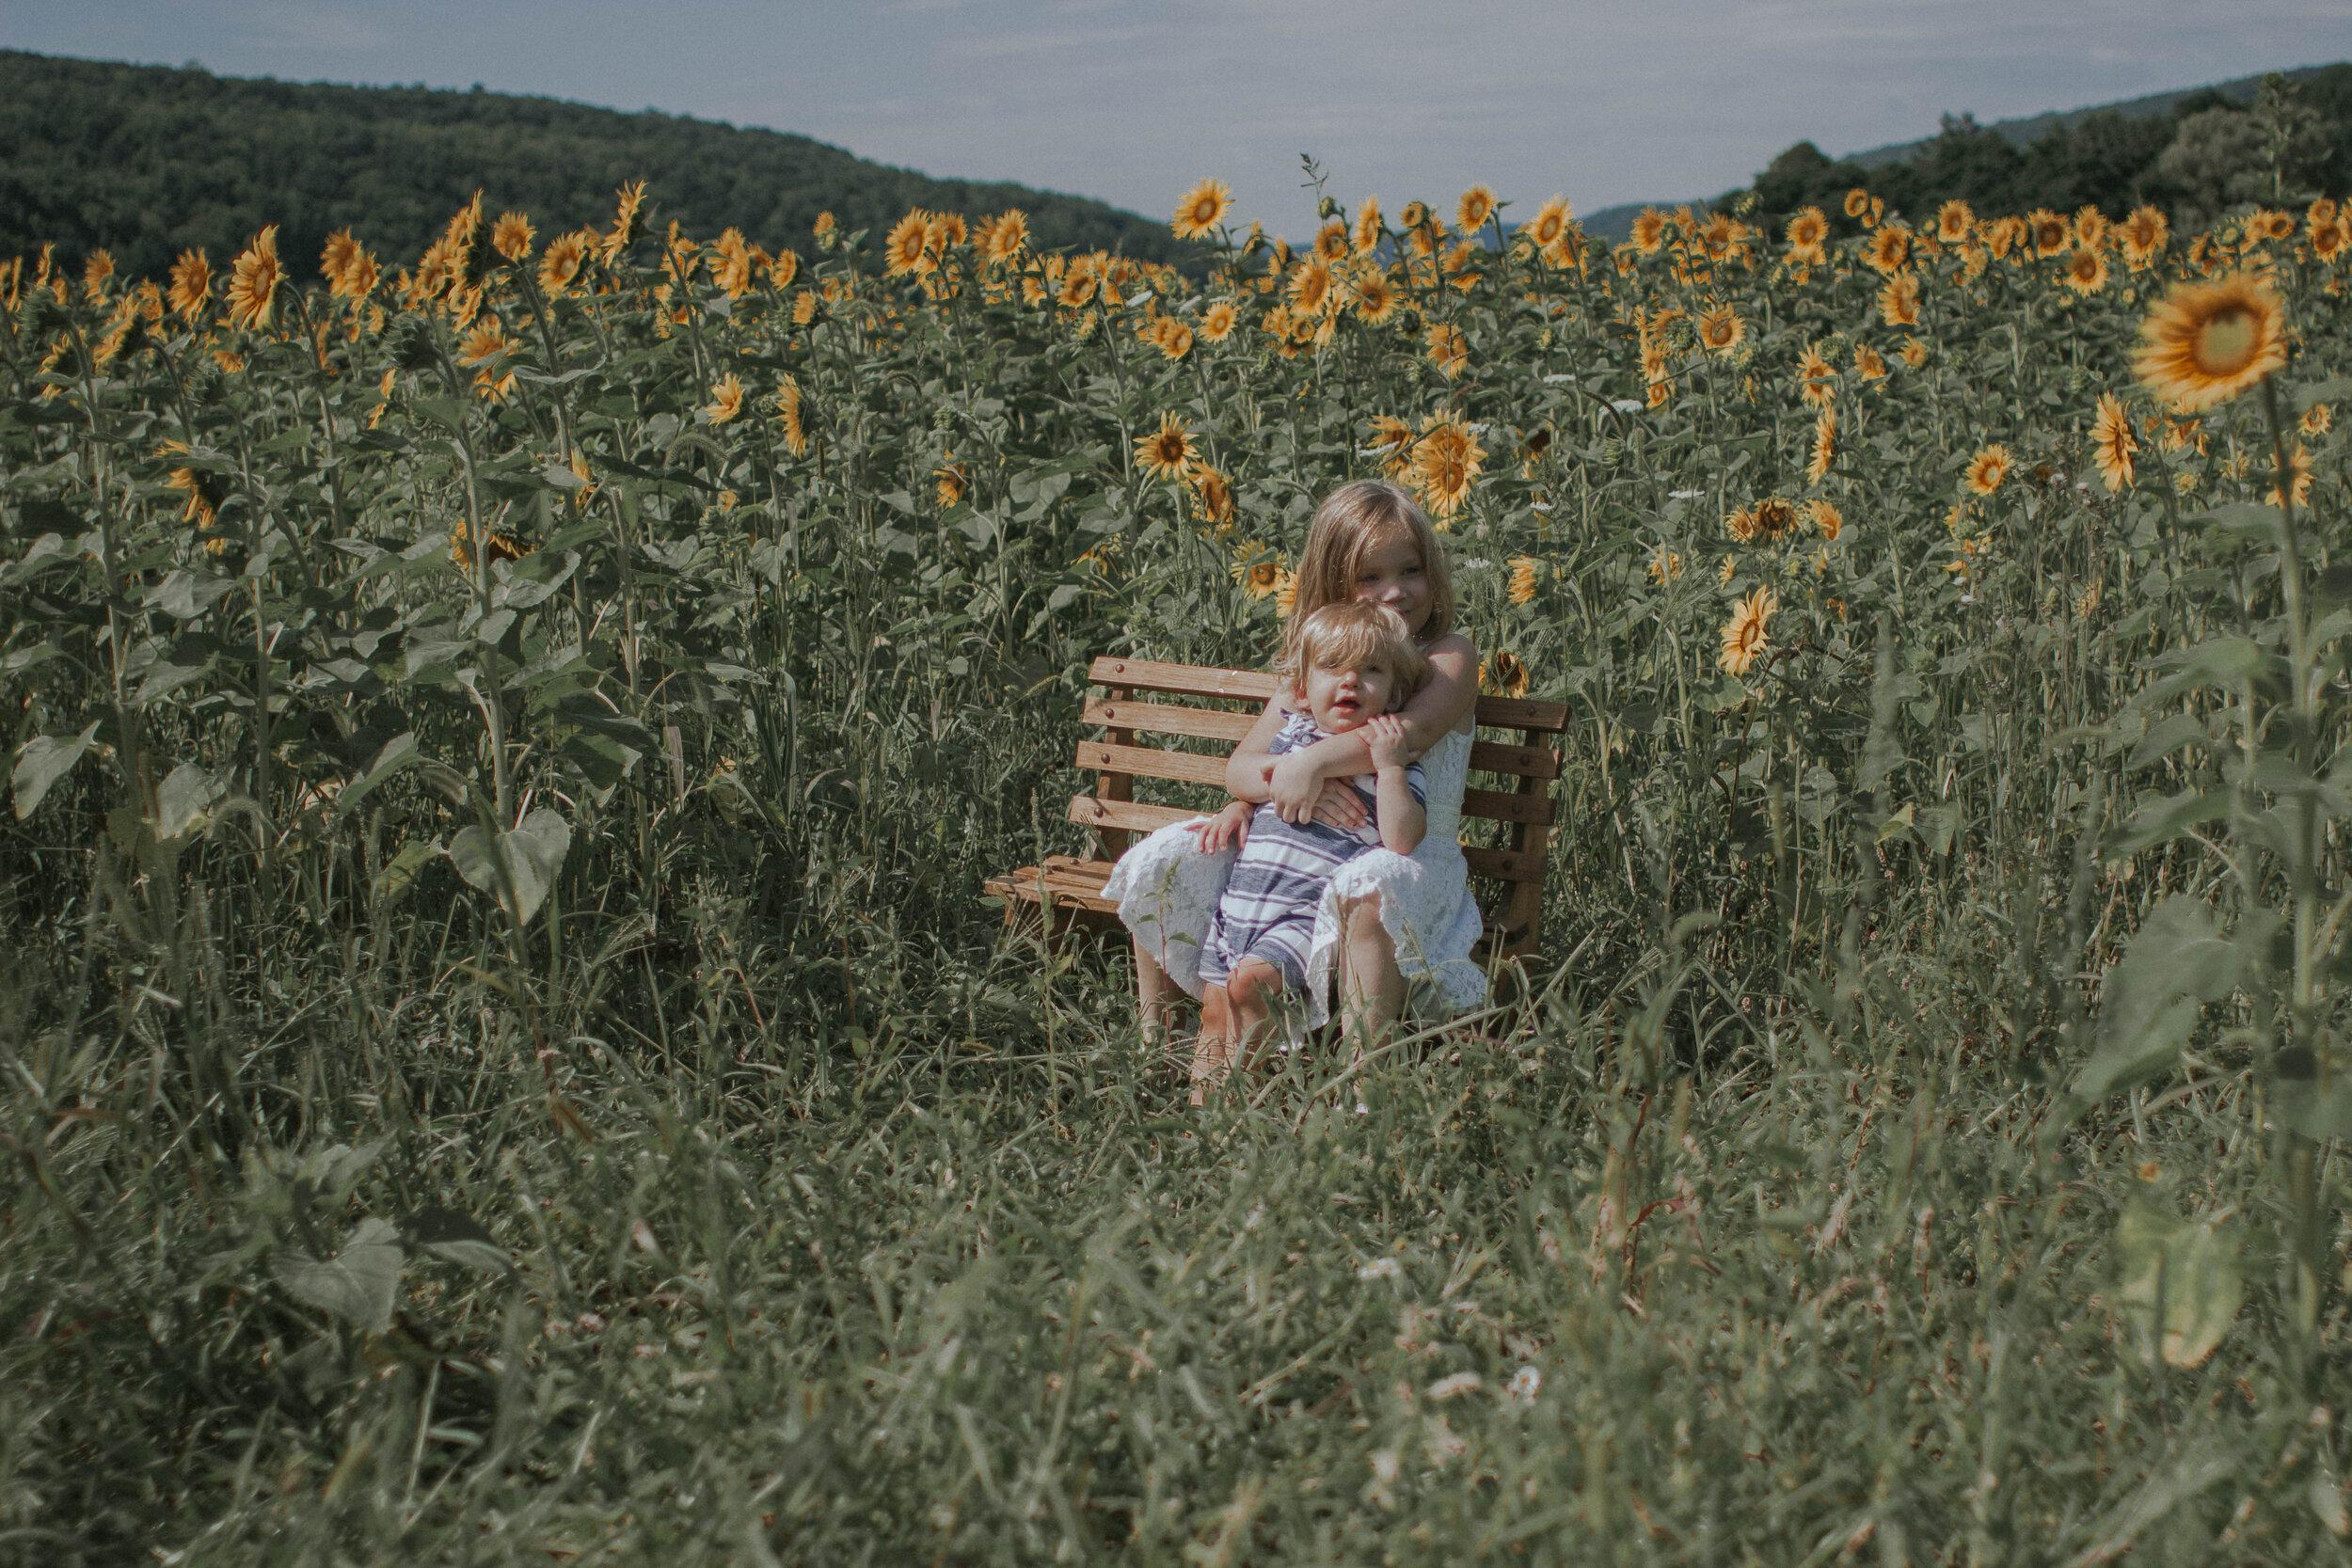 maggiemase_sunflowers_aug-15.jpg